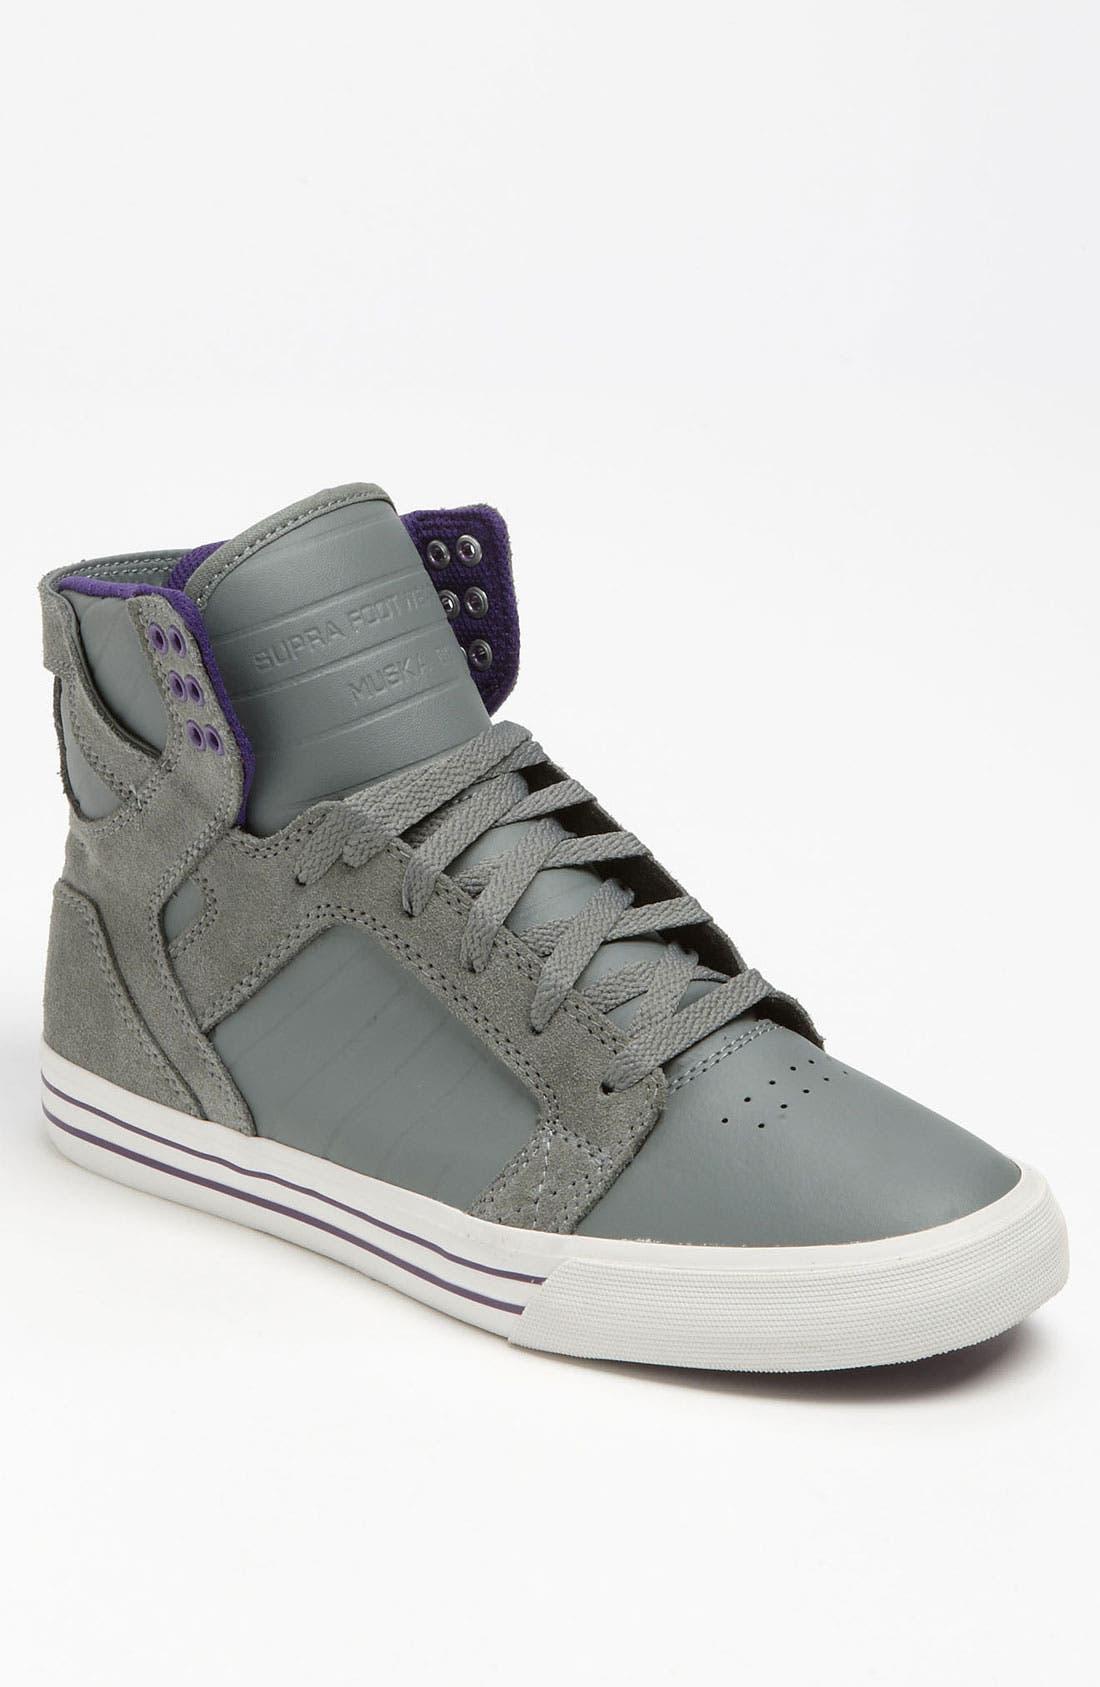 Alternate Image 1 Selected - Supra 'Skytop' Sneaker (Men)